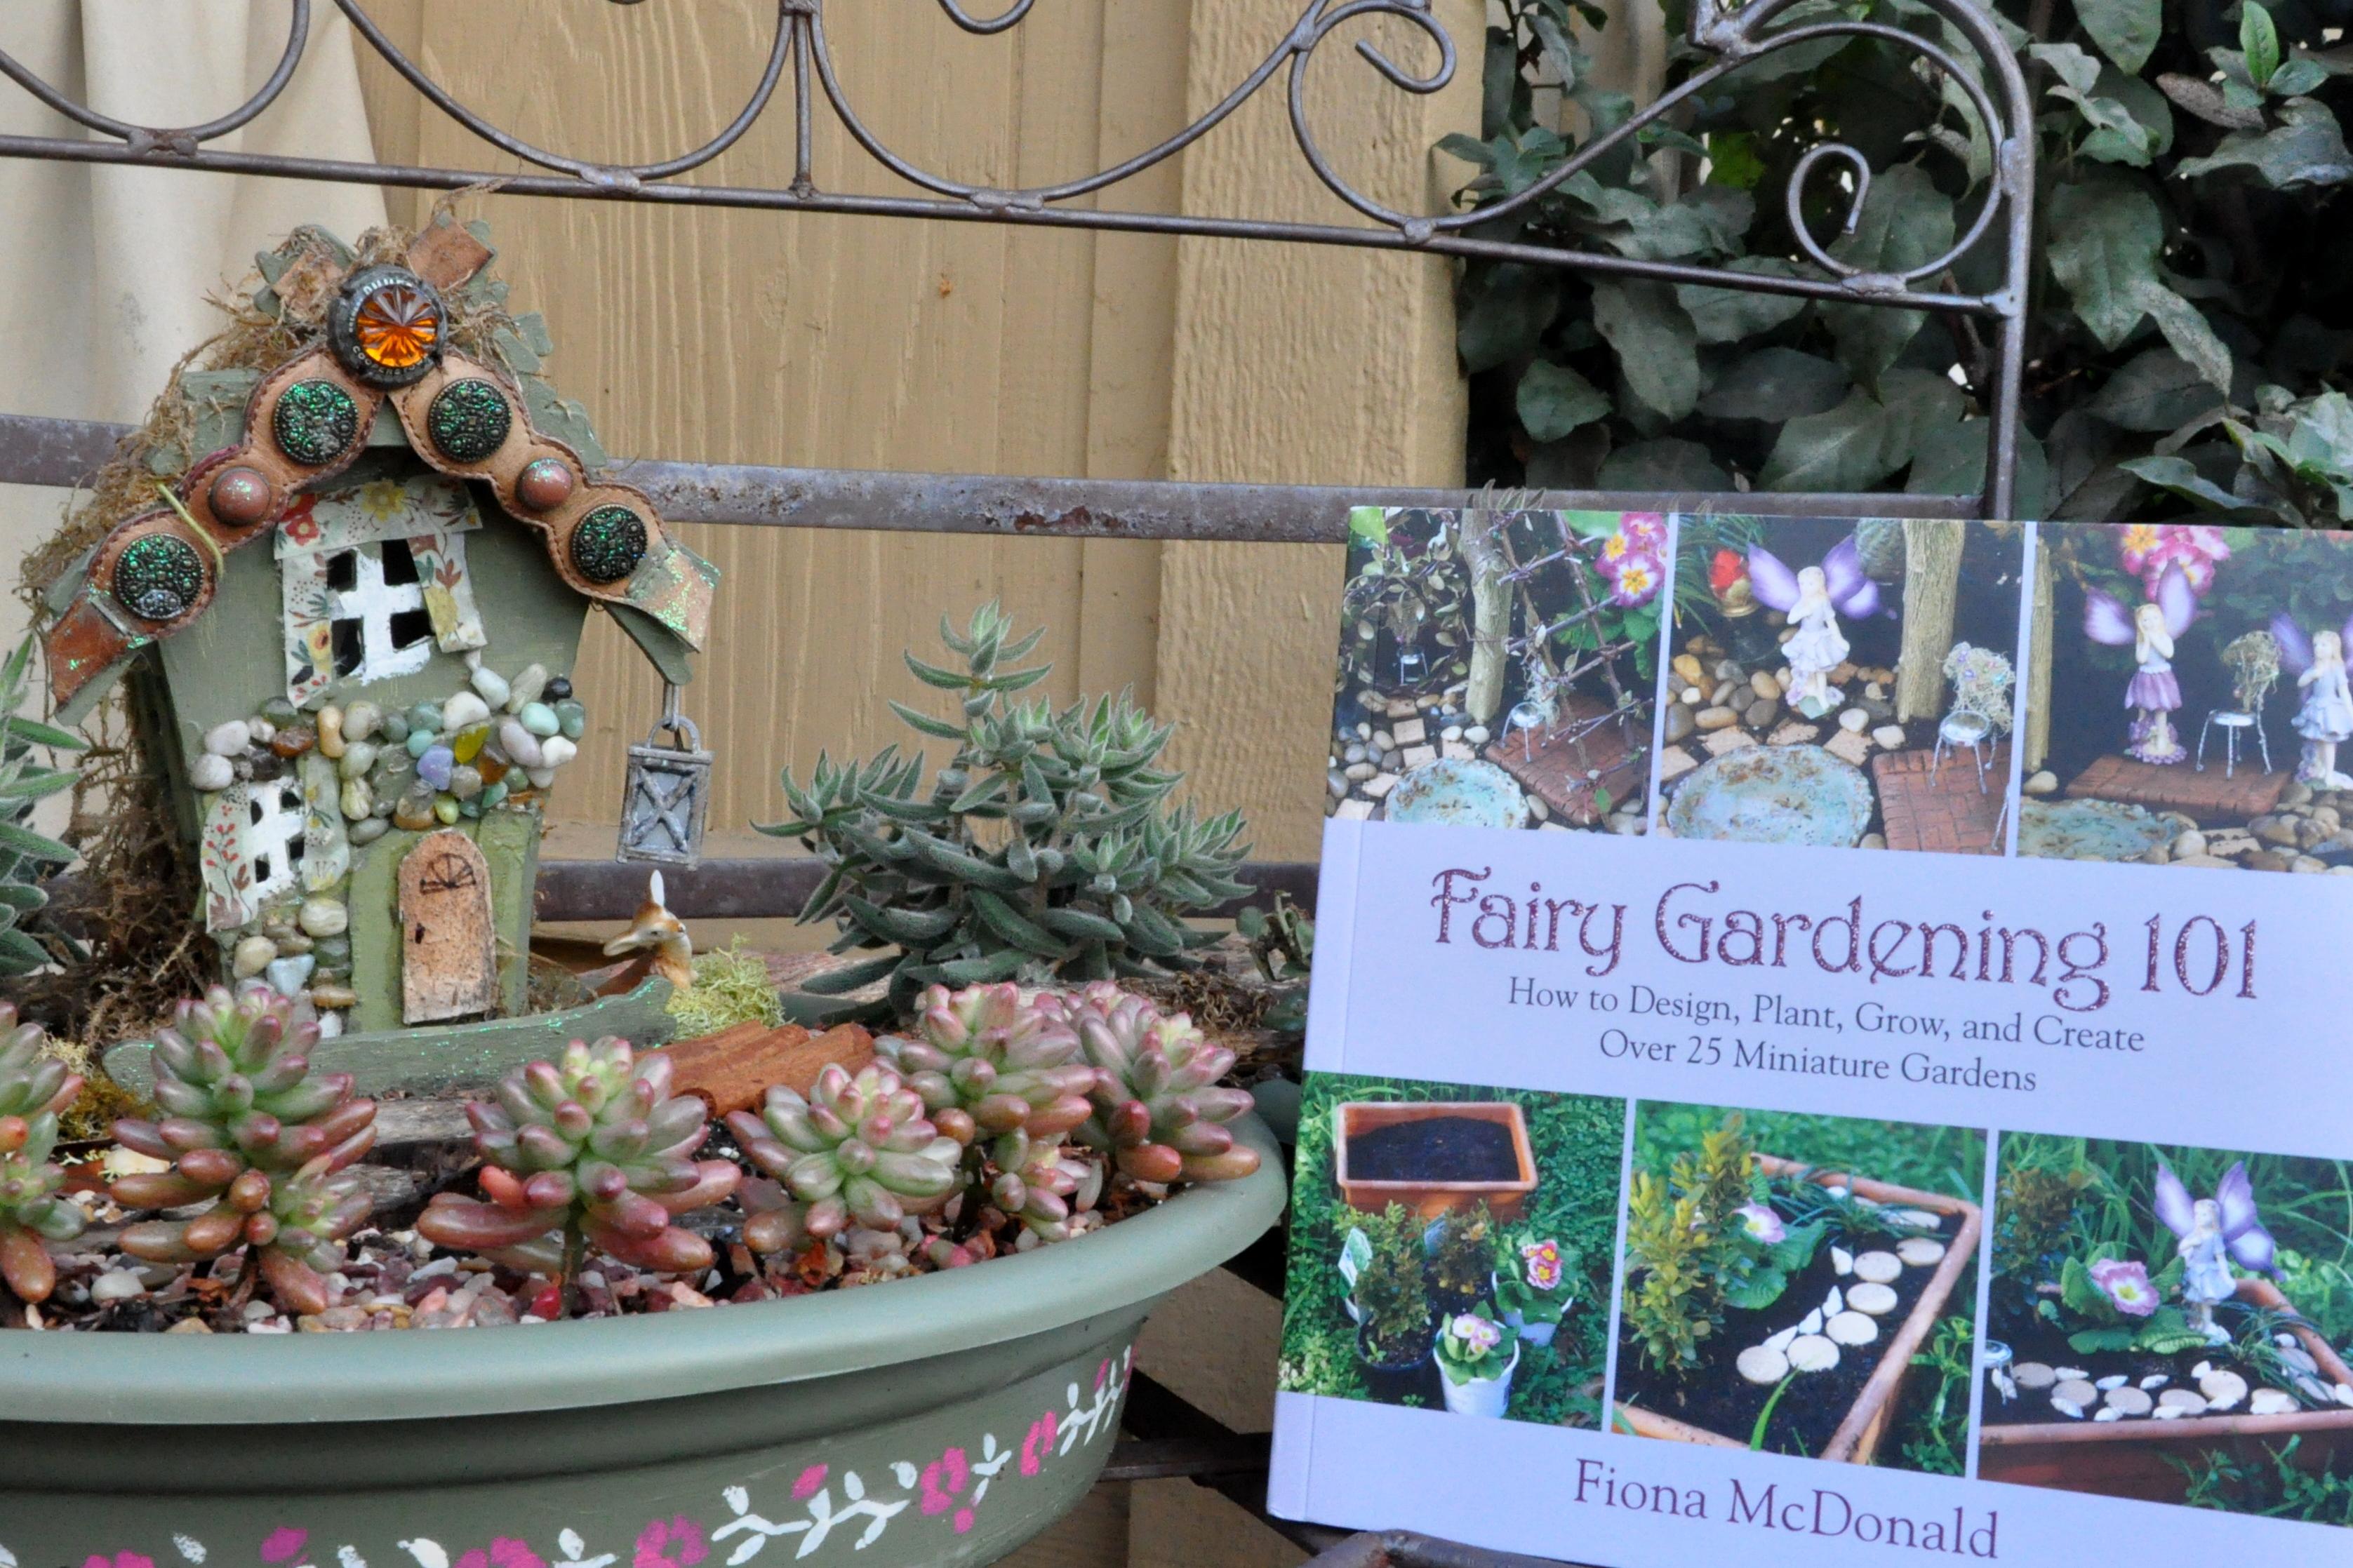 Incroyable Fairy Gardening 101 Book